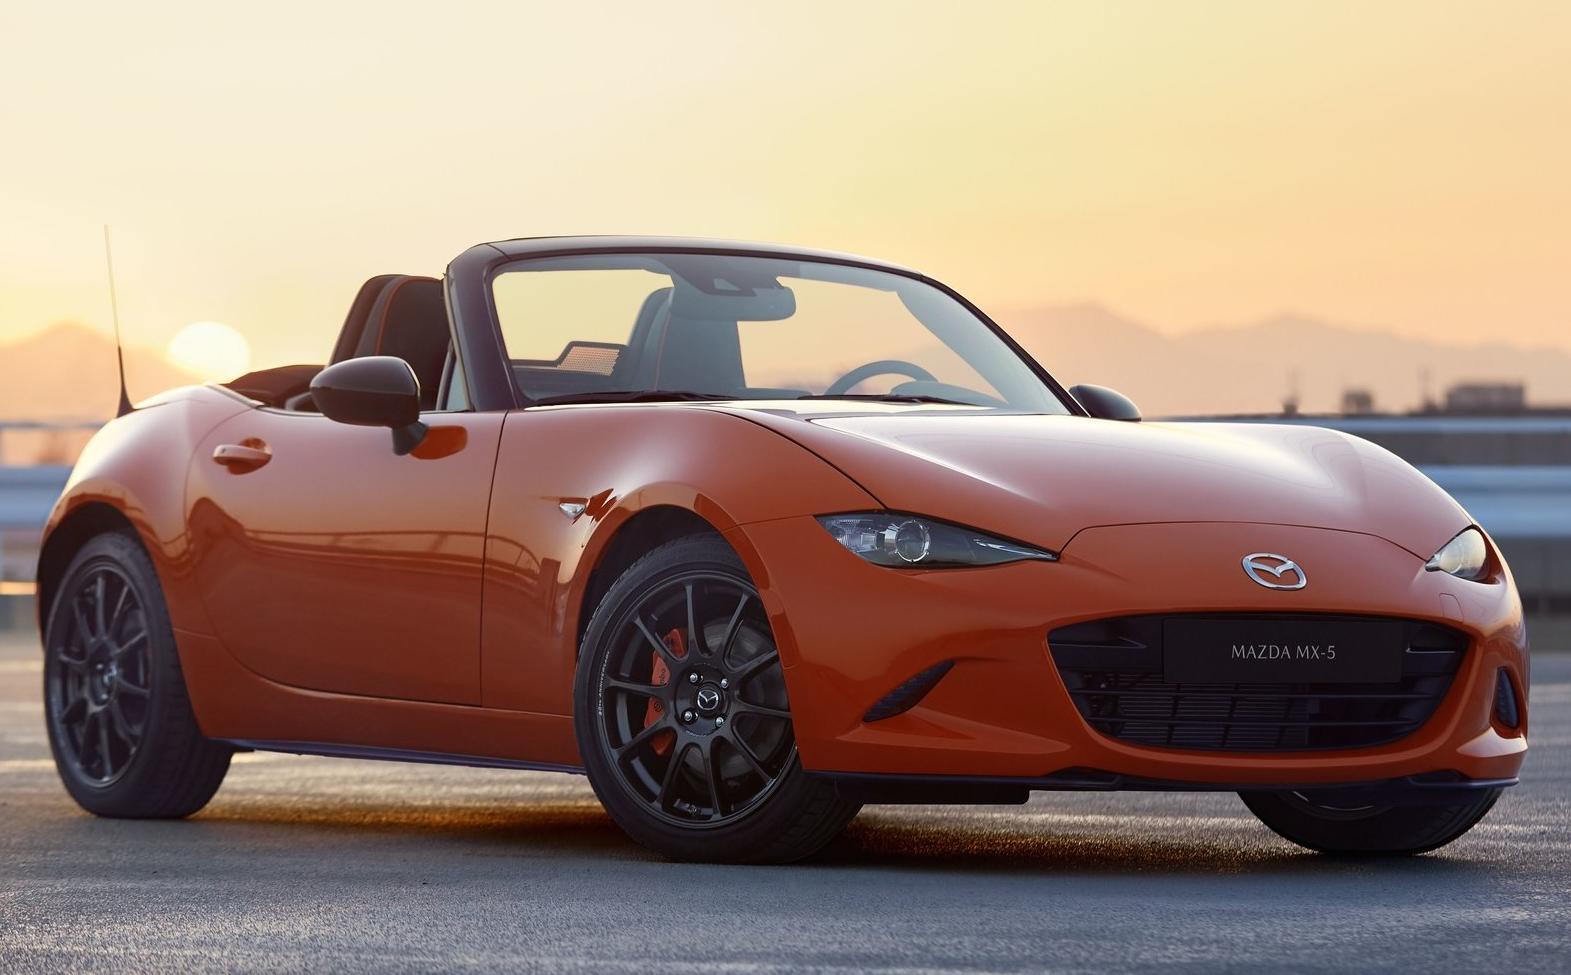 2019 Mazda MX-5 - Orange model in sunset